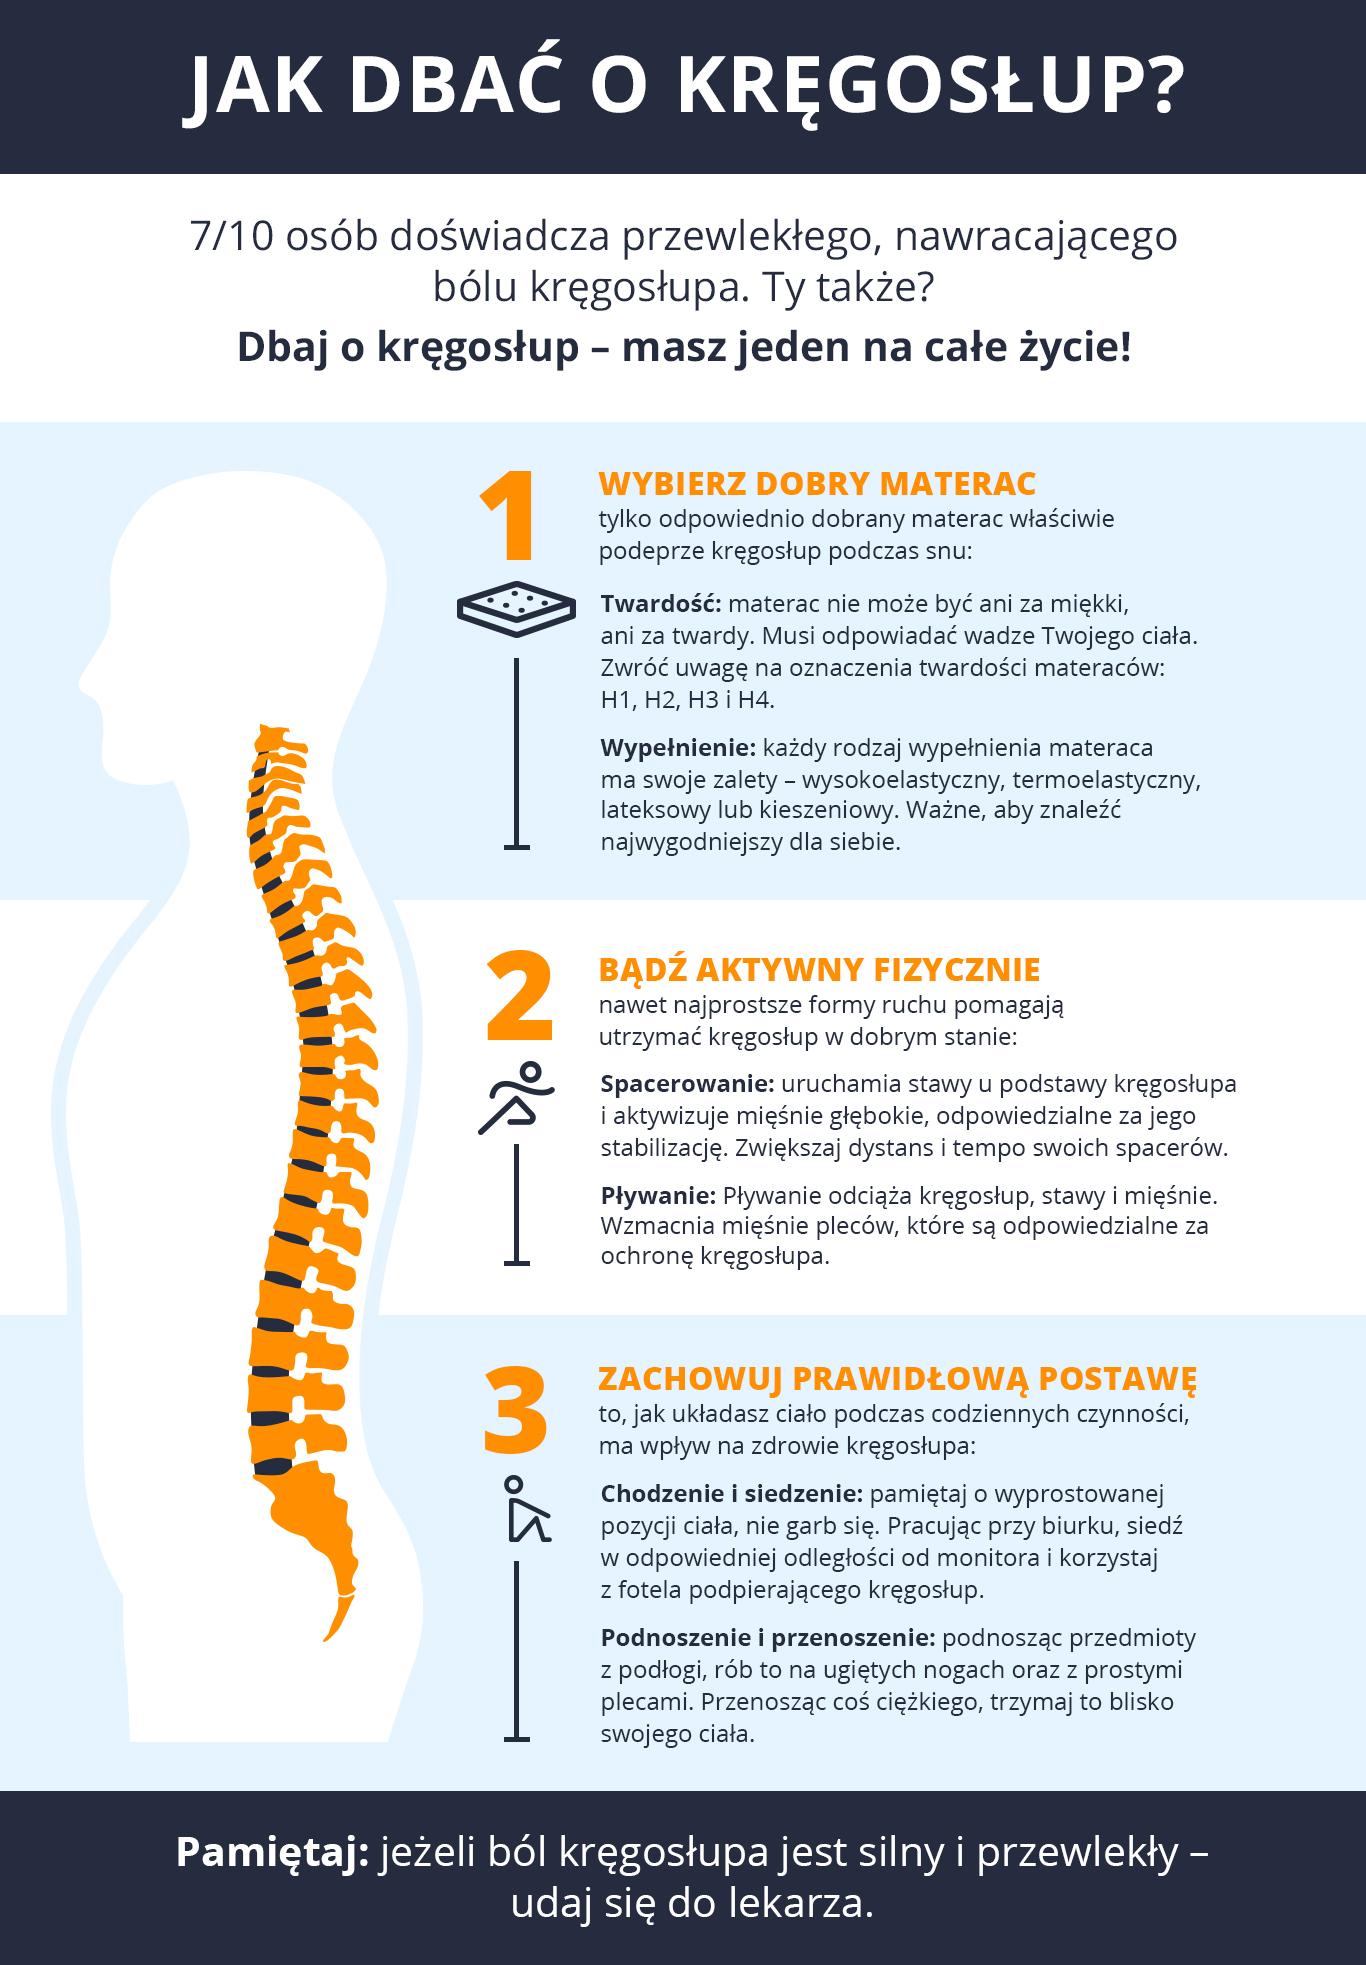 jak dbać o kręgosłup, infografika